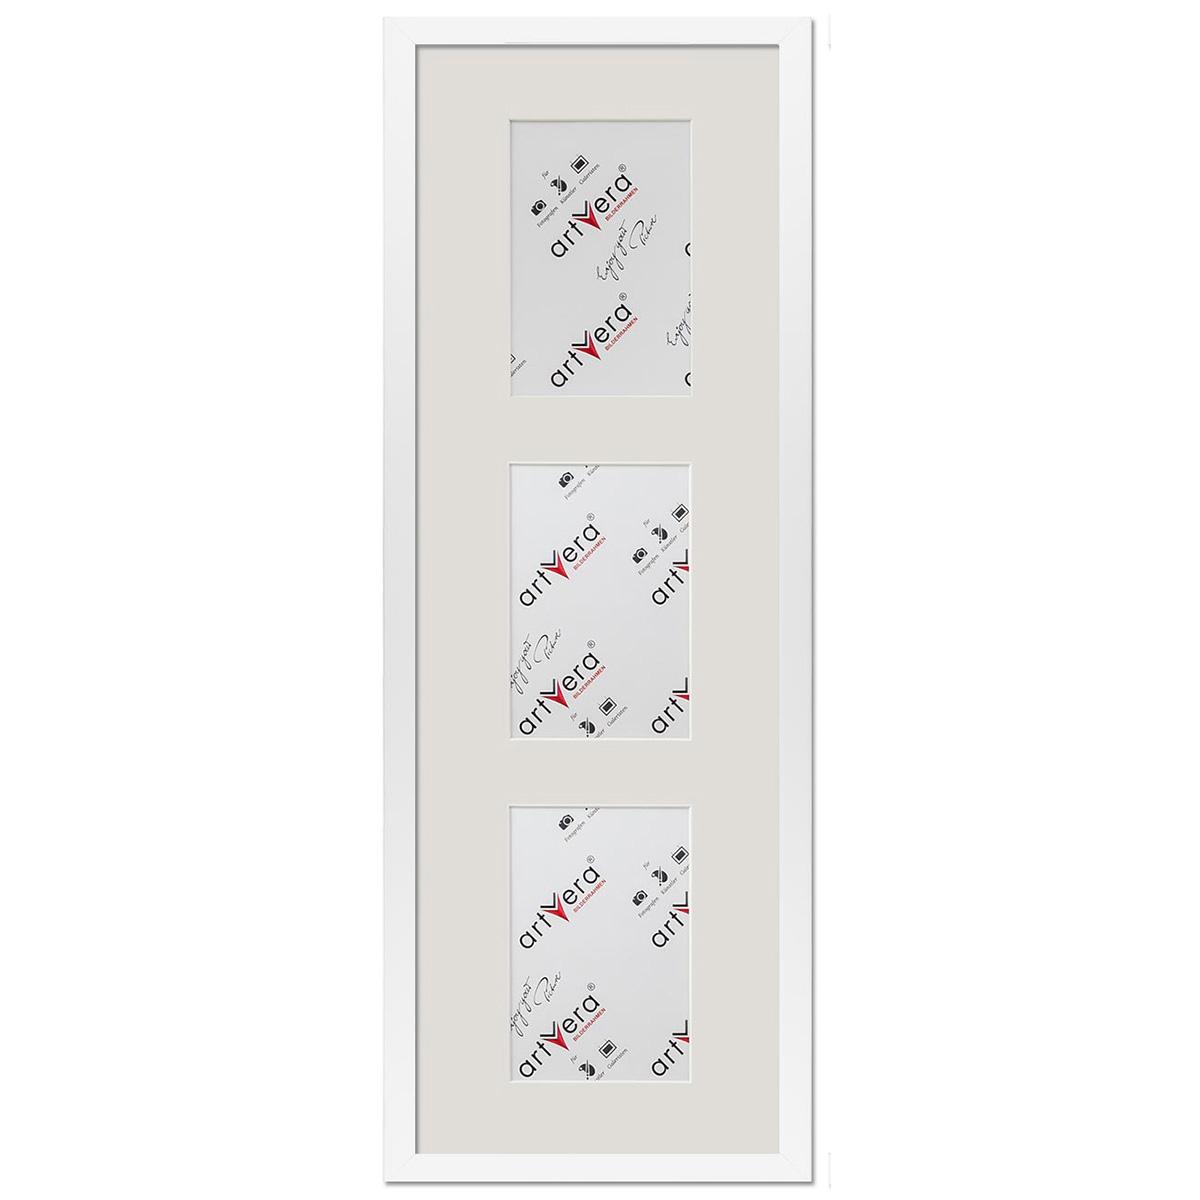 """3er Galerierahmen """"Lund"""", 20x60 cm - 10x15 cm Weiß"""